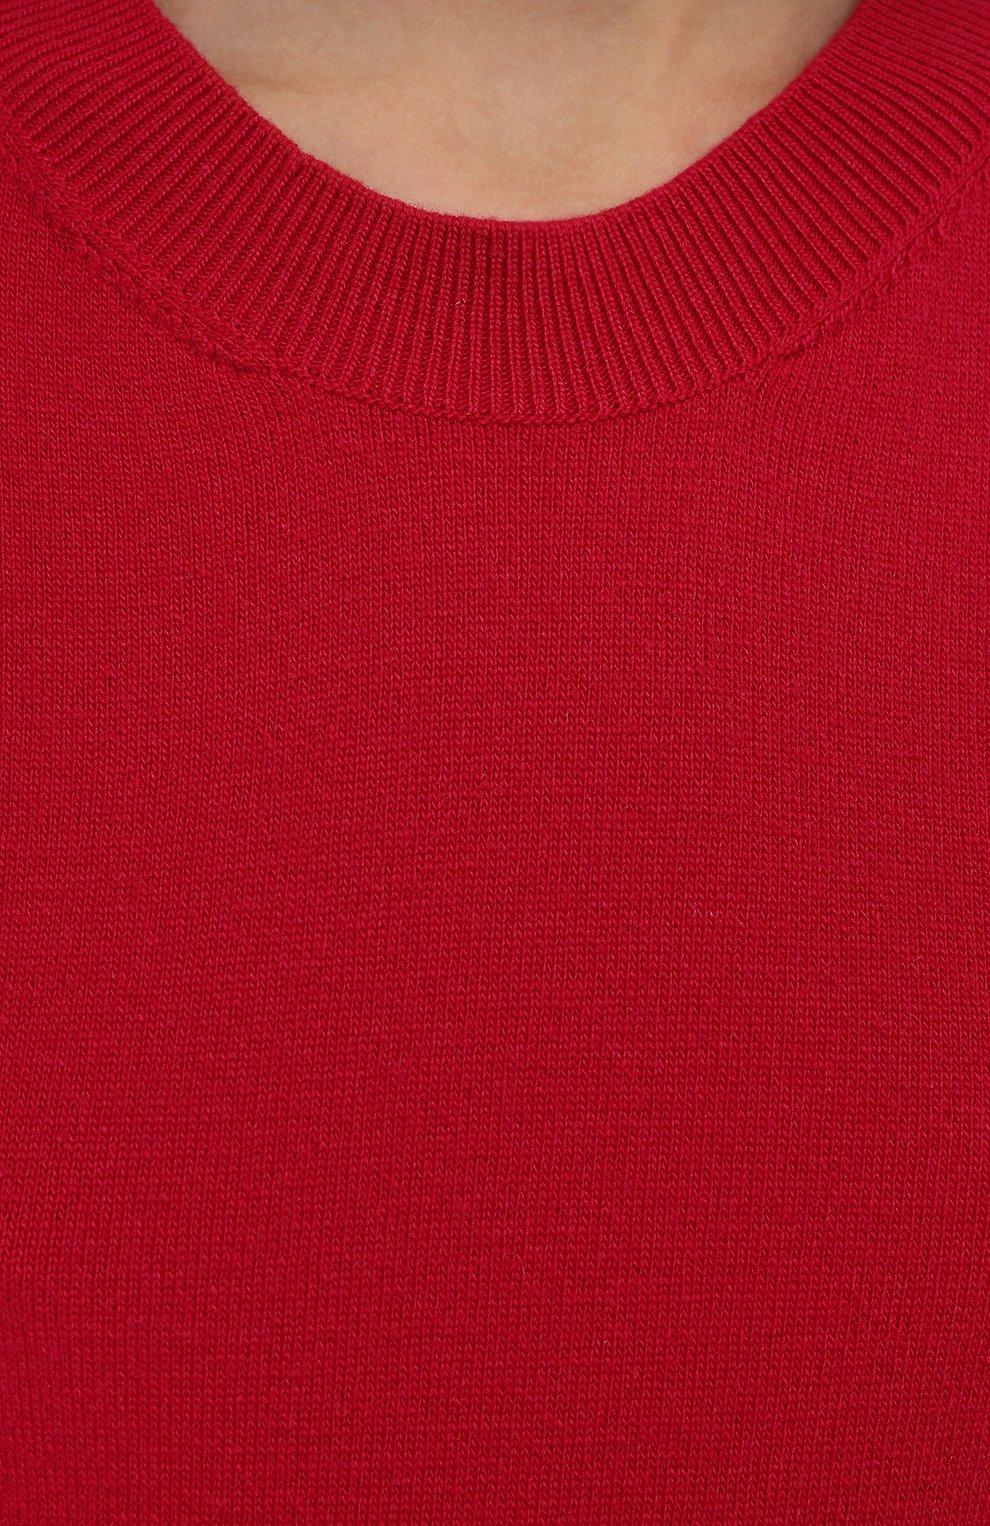 Женское платье из шерсти и кашемира LORENA ANTONIAZZI красного цвета, арт. I21107AM004/1906   Фото 5 (Материал внешний: Шерсть, Кашемир; Длина Ж (юбки, платья, шорты): Мини; Случай: Повседневный; Кросс-КТ: Трикотаж; Рукава: 3/4; Стили: Кэжуэл)